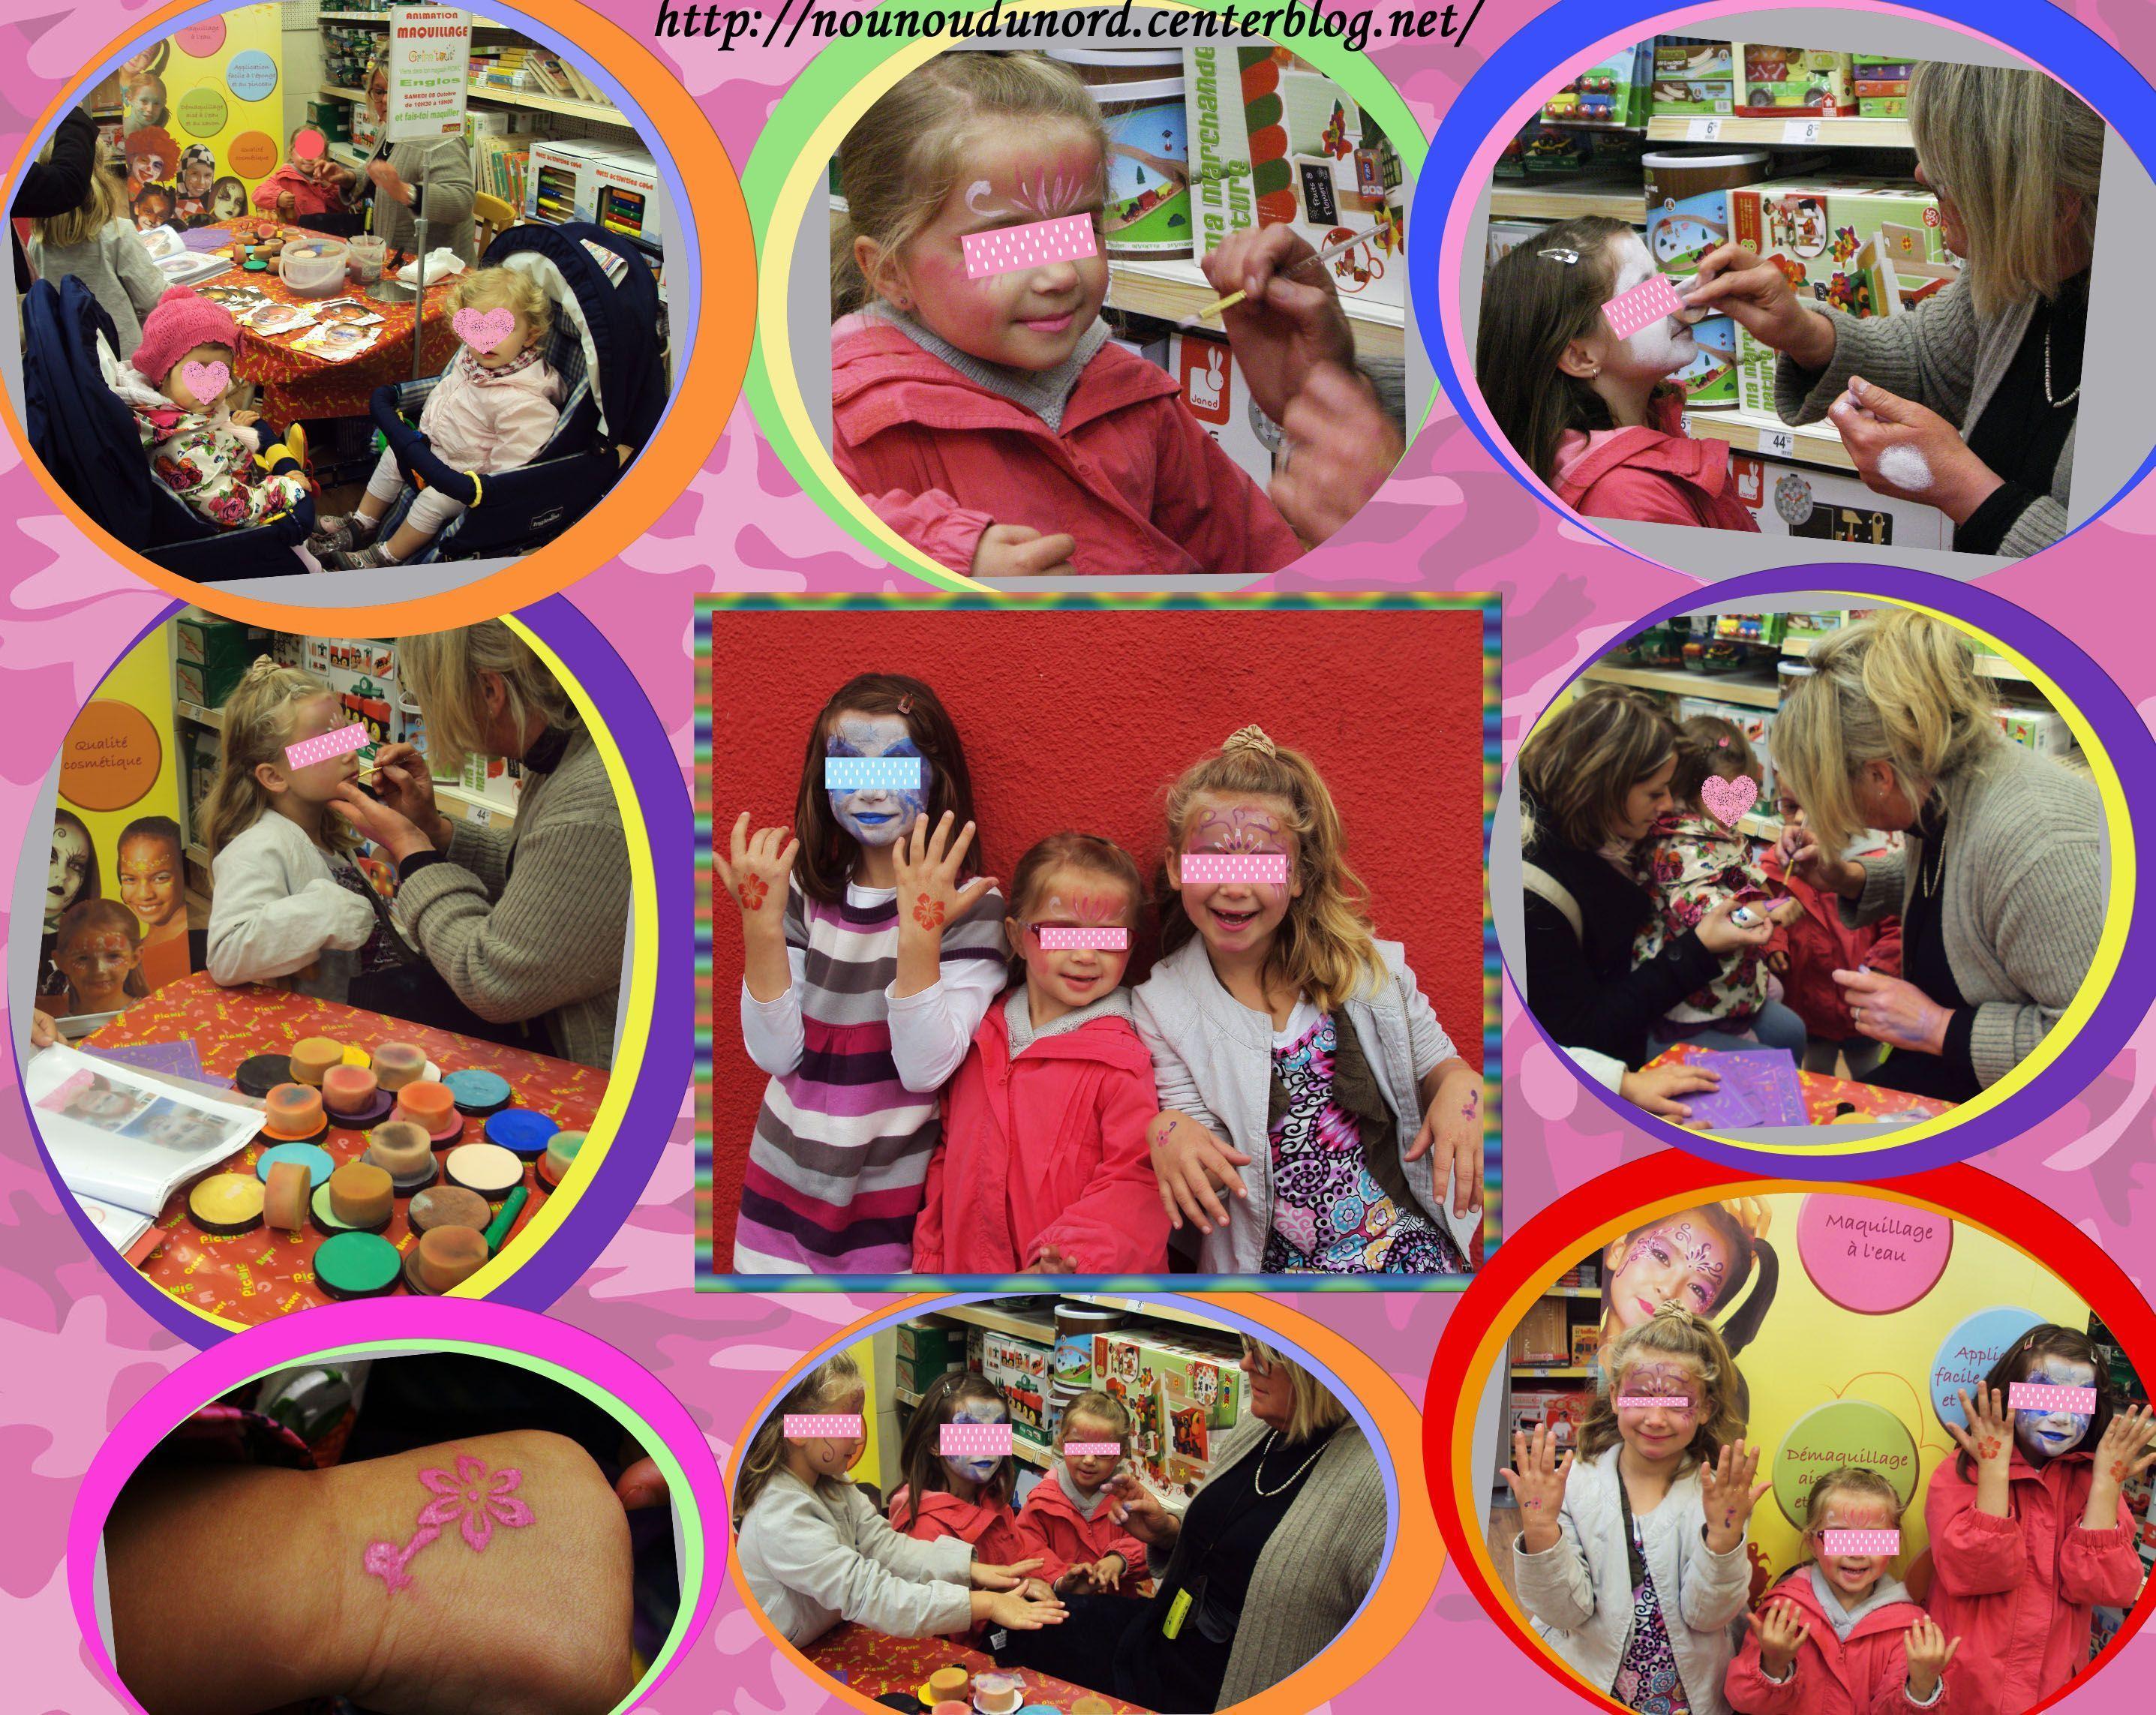 Scéance de maquillage chez Picwic octobre 2011 ef59182c2f20